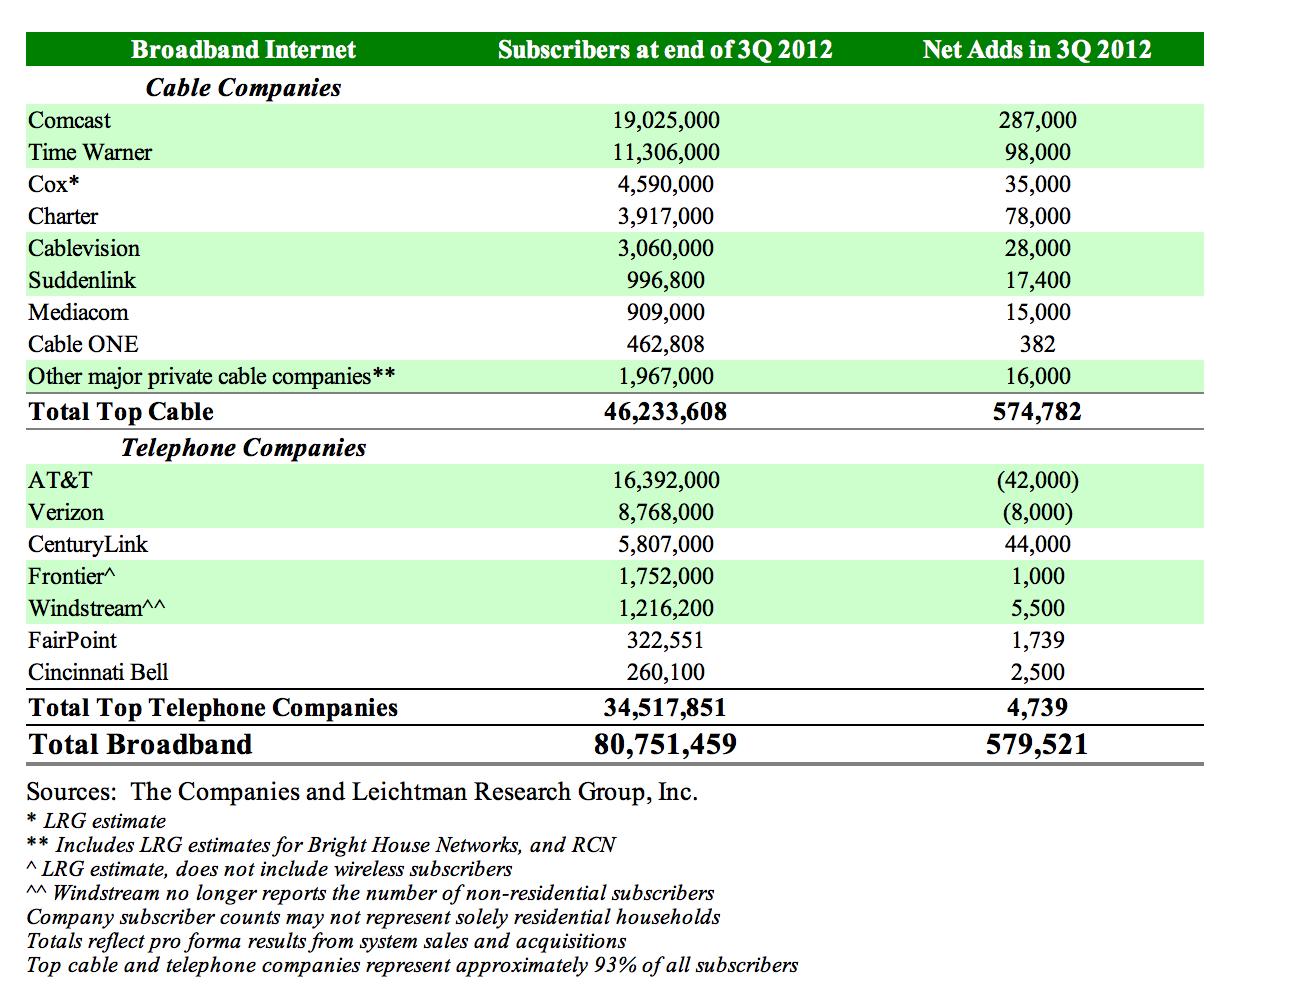 US broadband stats Q3 2012